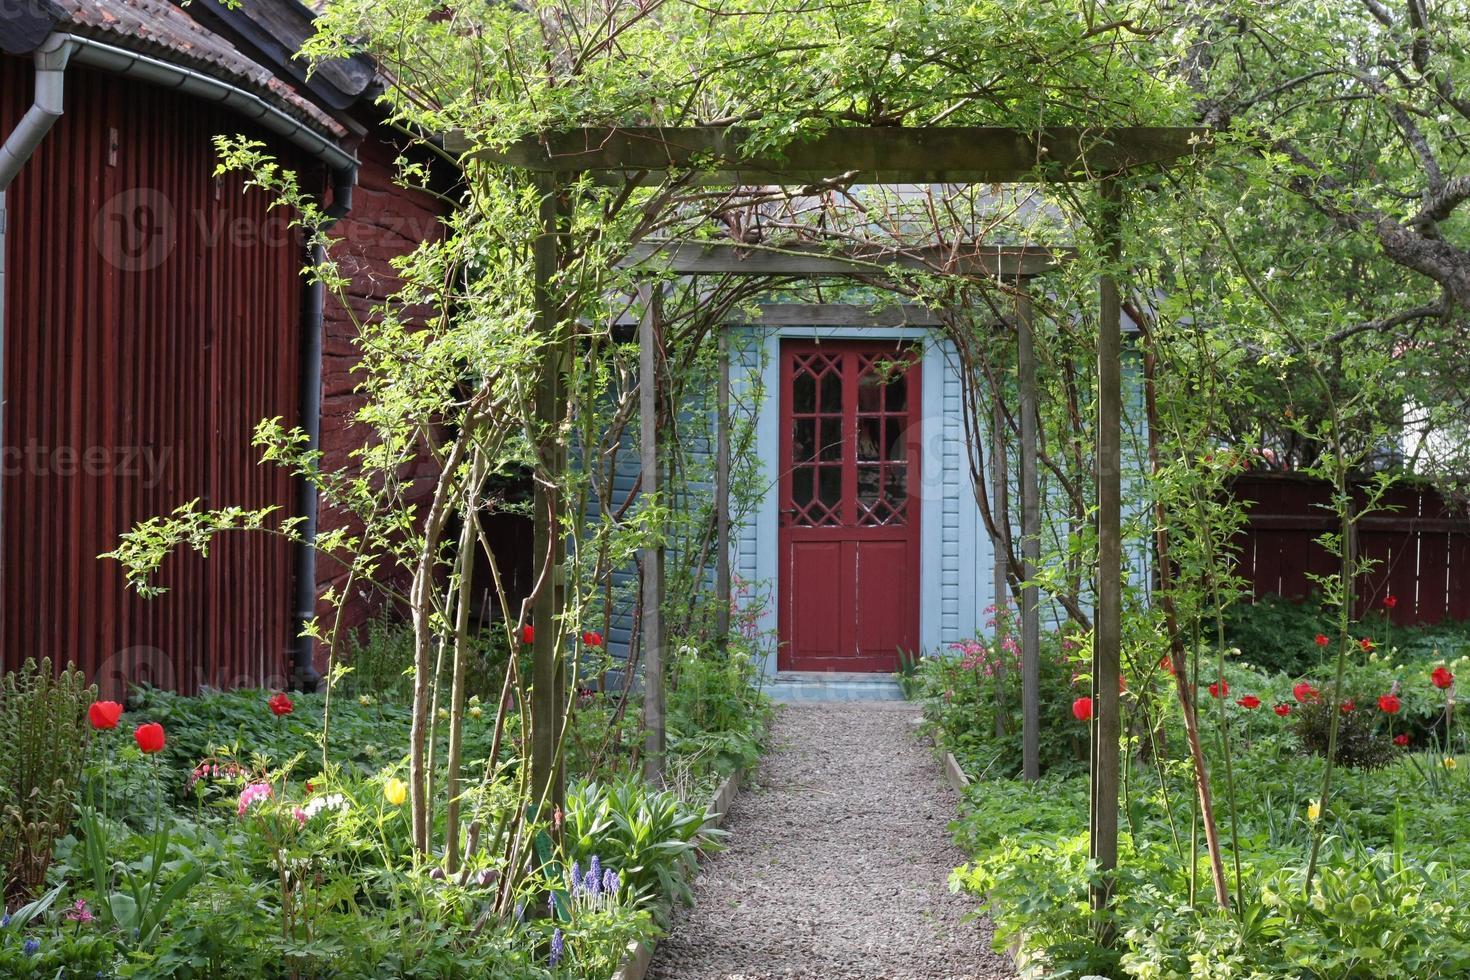 bel sentiero del giardino foto